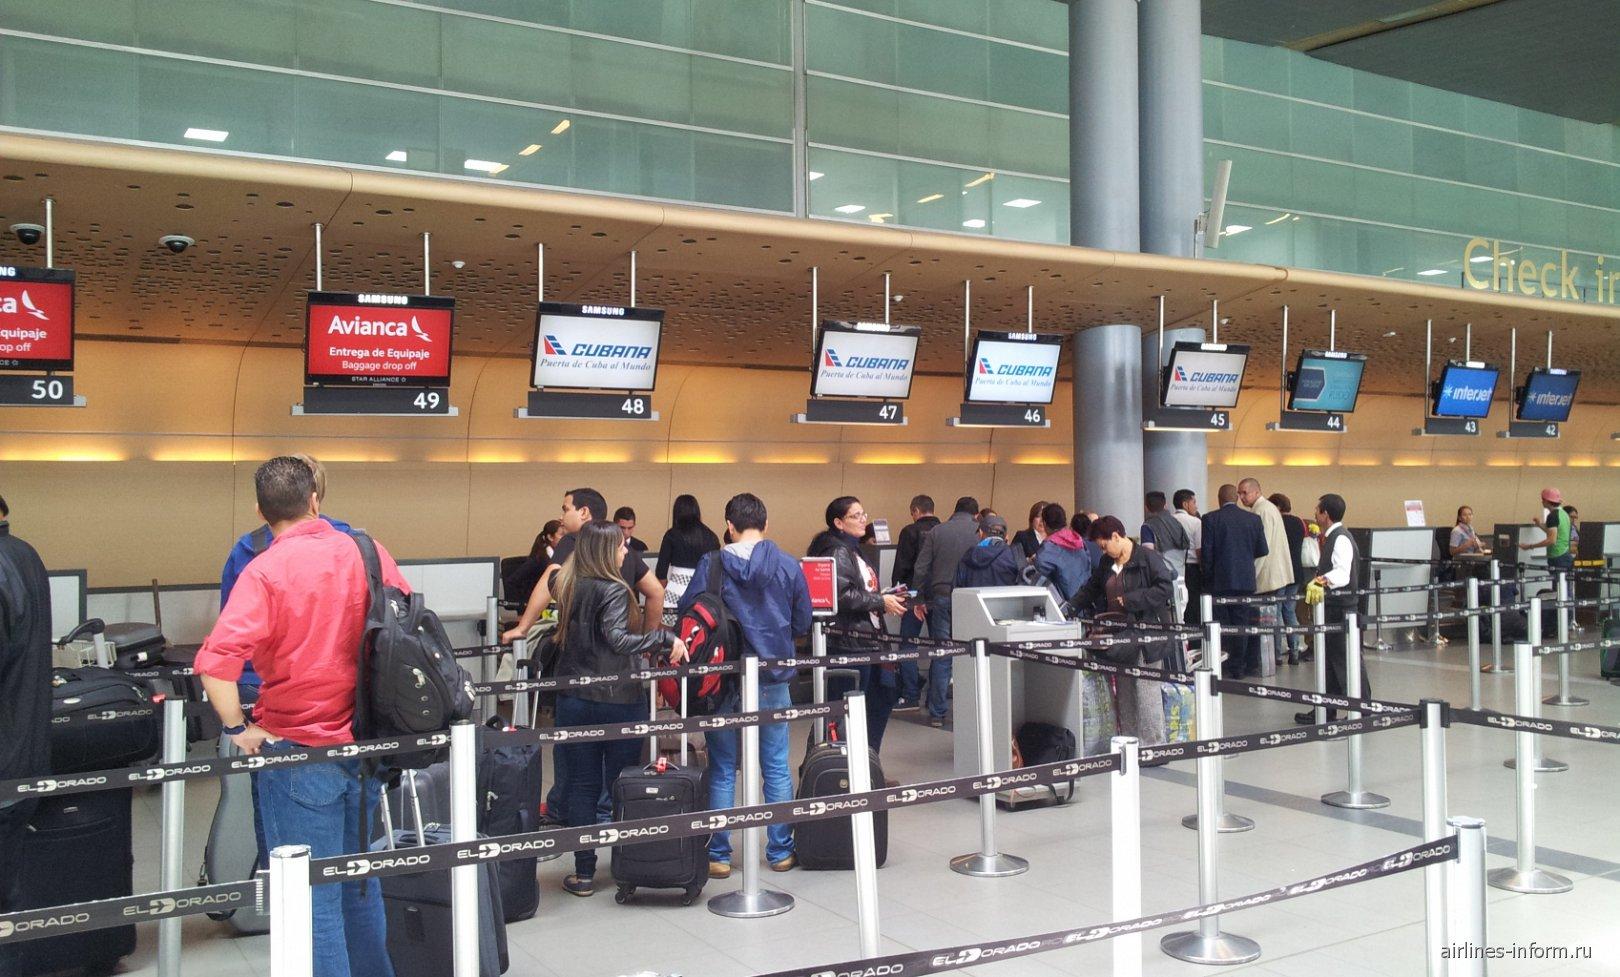 Стойки регистрации в международном терминале аэропорта Богота Эльдорадо